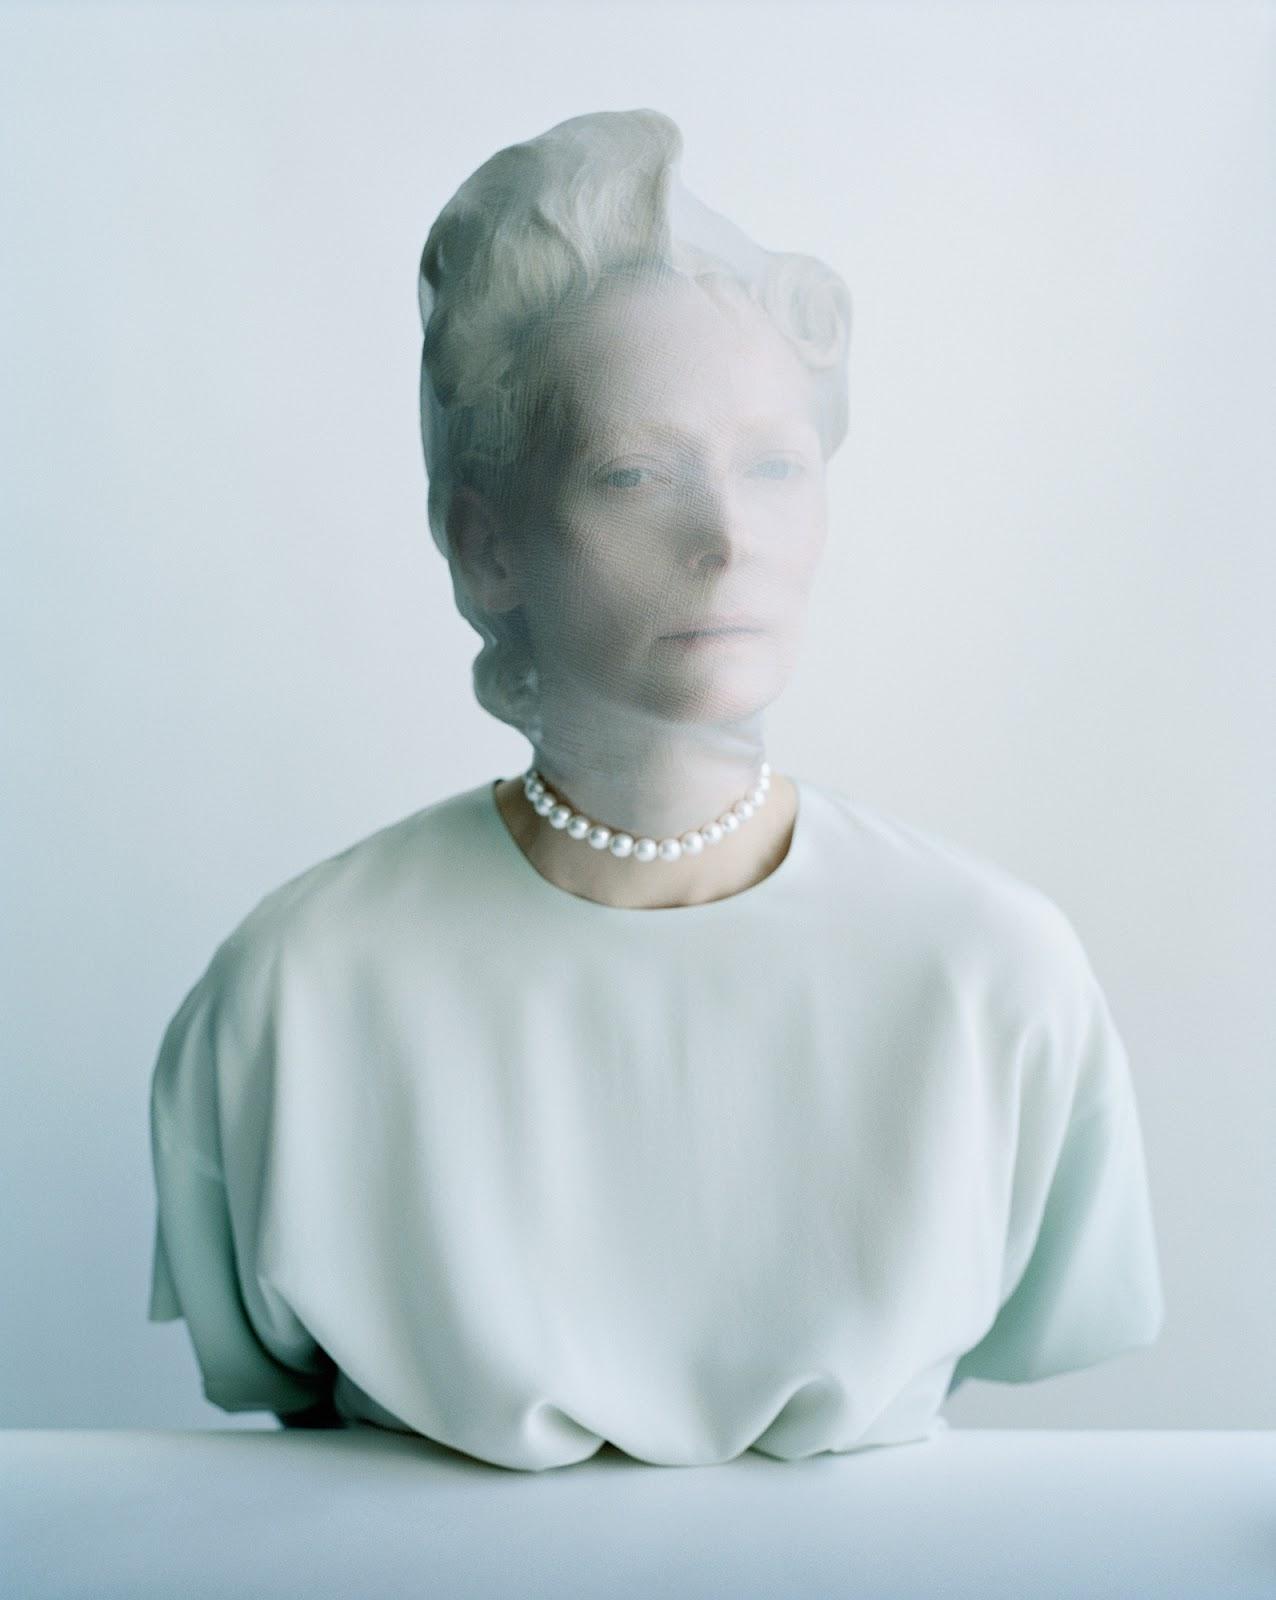 ティルダ・スウィントンの画像 p1_19